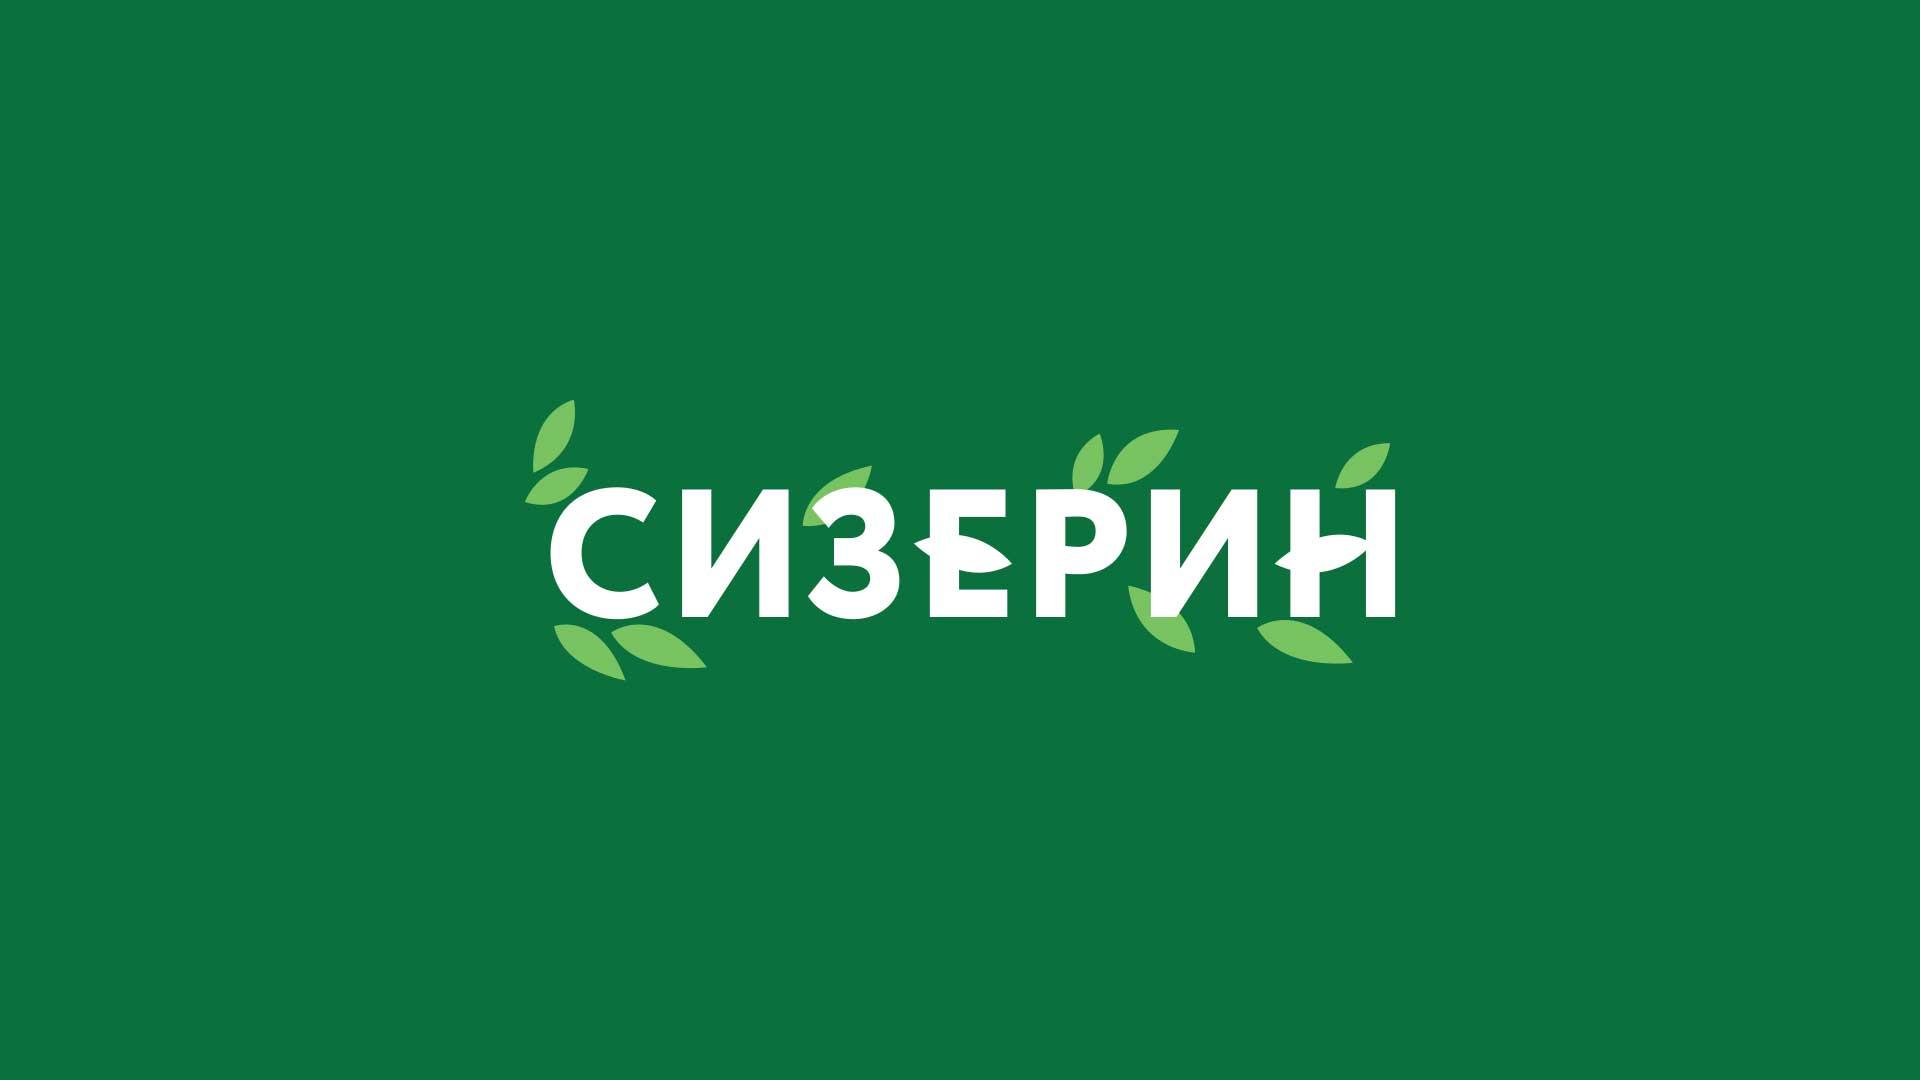 Дизайн логотипа и разработка дизайна упаковки и этикетки зернового суперфуда СИЗЕРИН